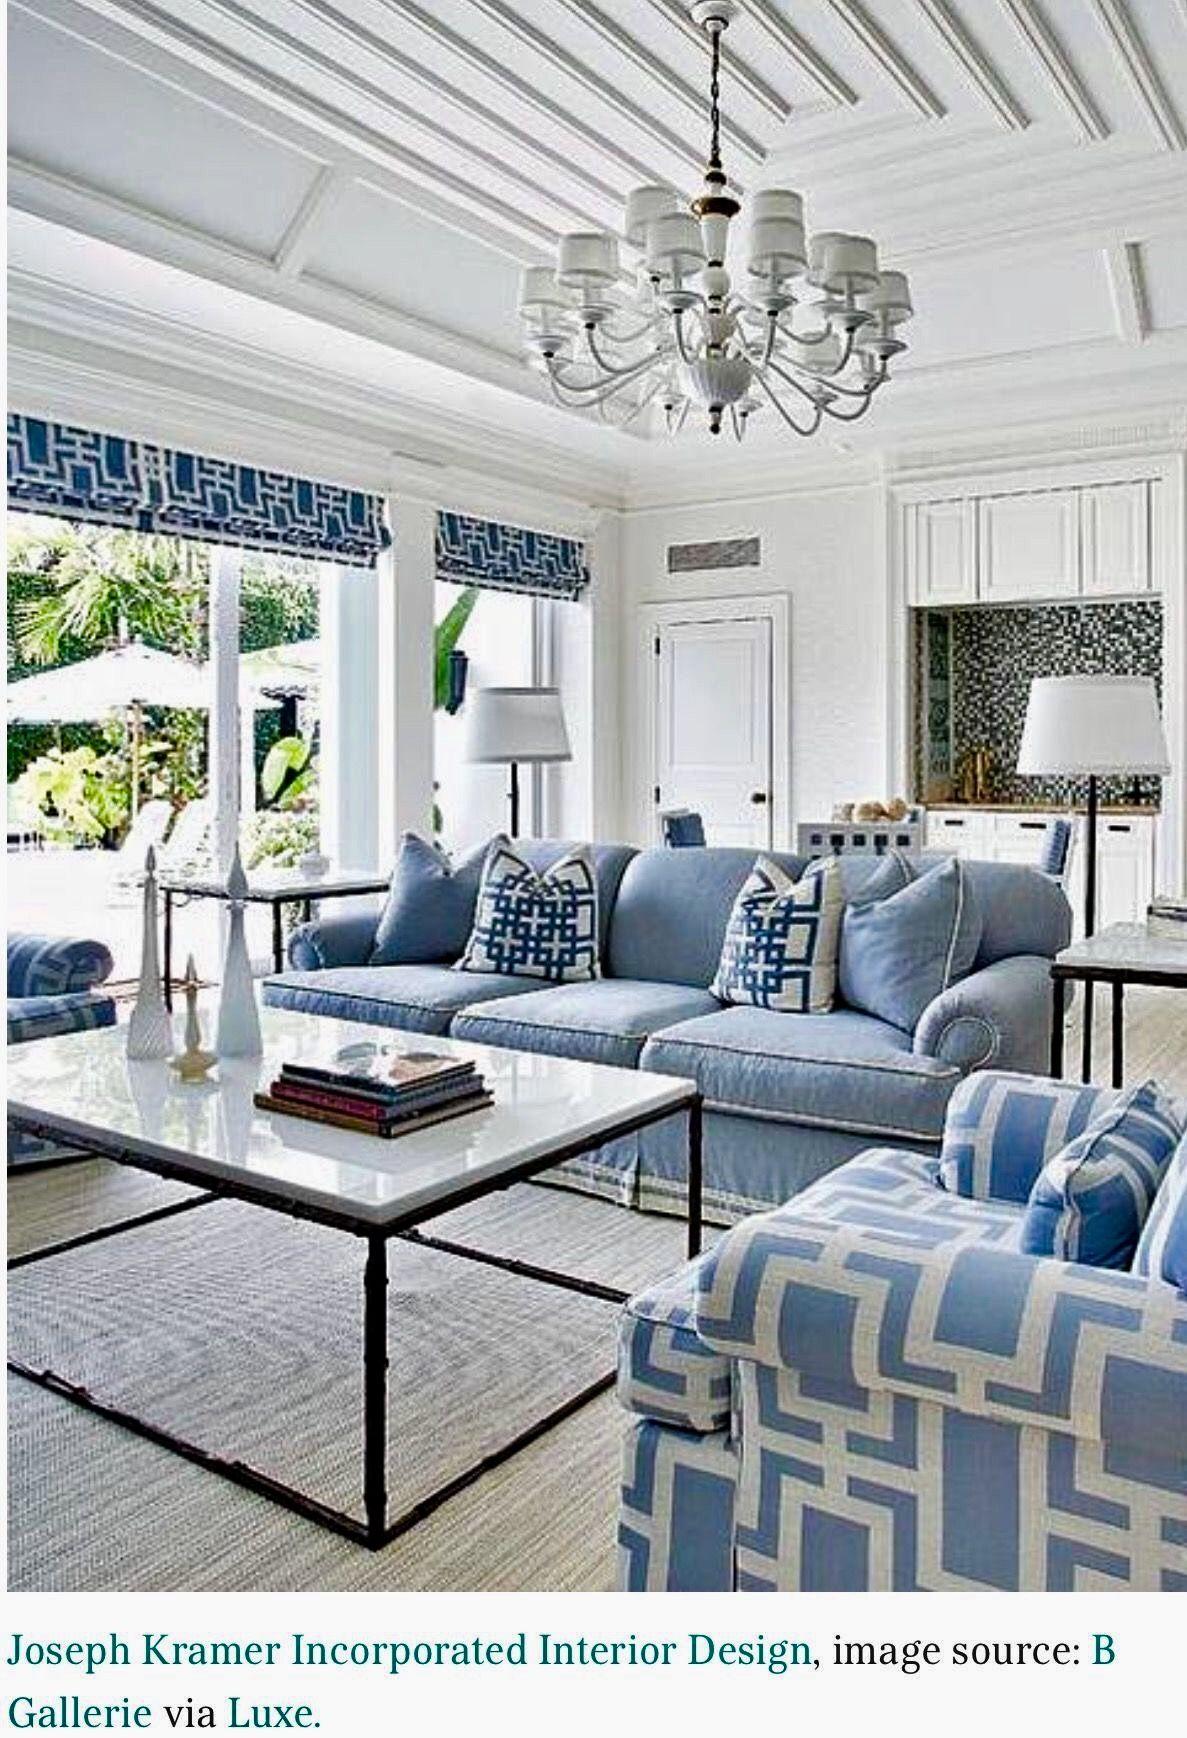 Franklin Brass Seaside Oval Kitchen Or Furniture Cabinet Hardware Drawer